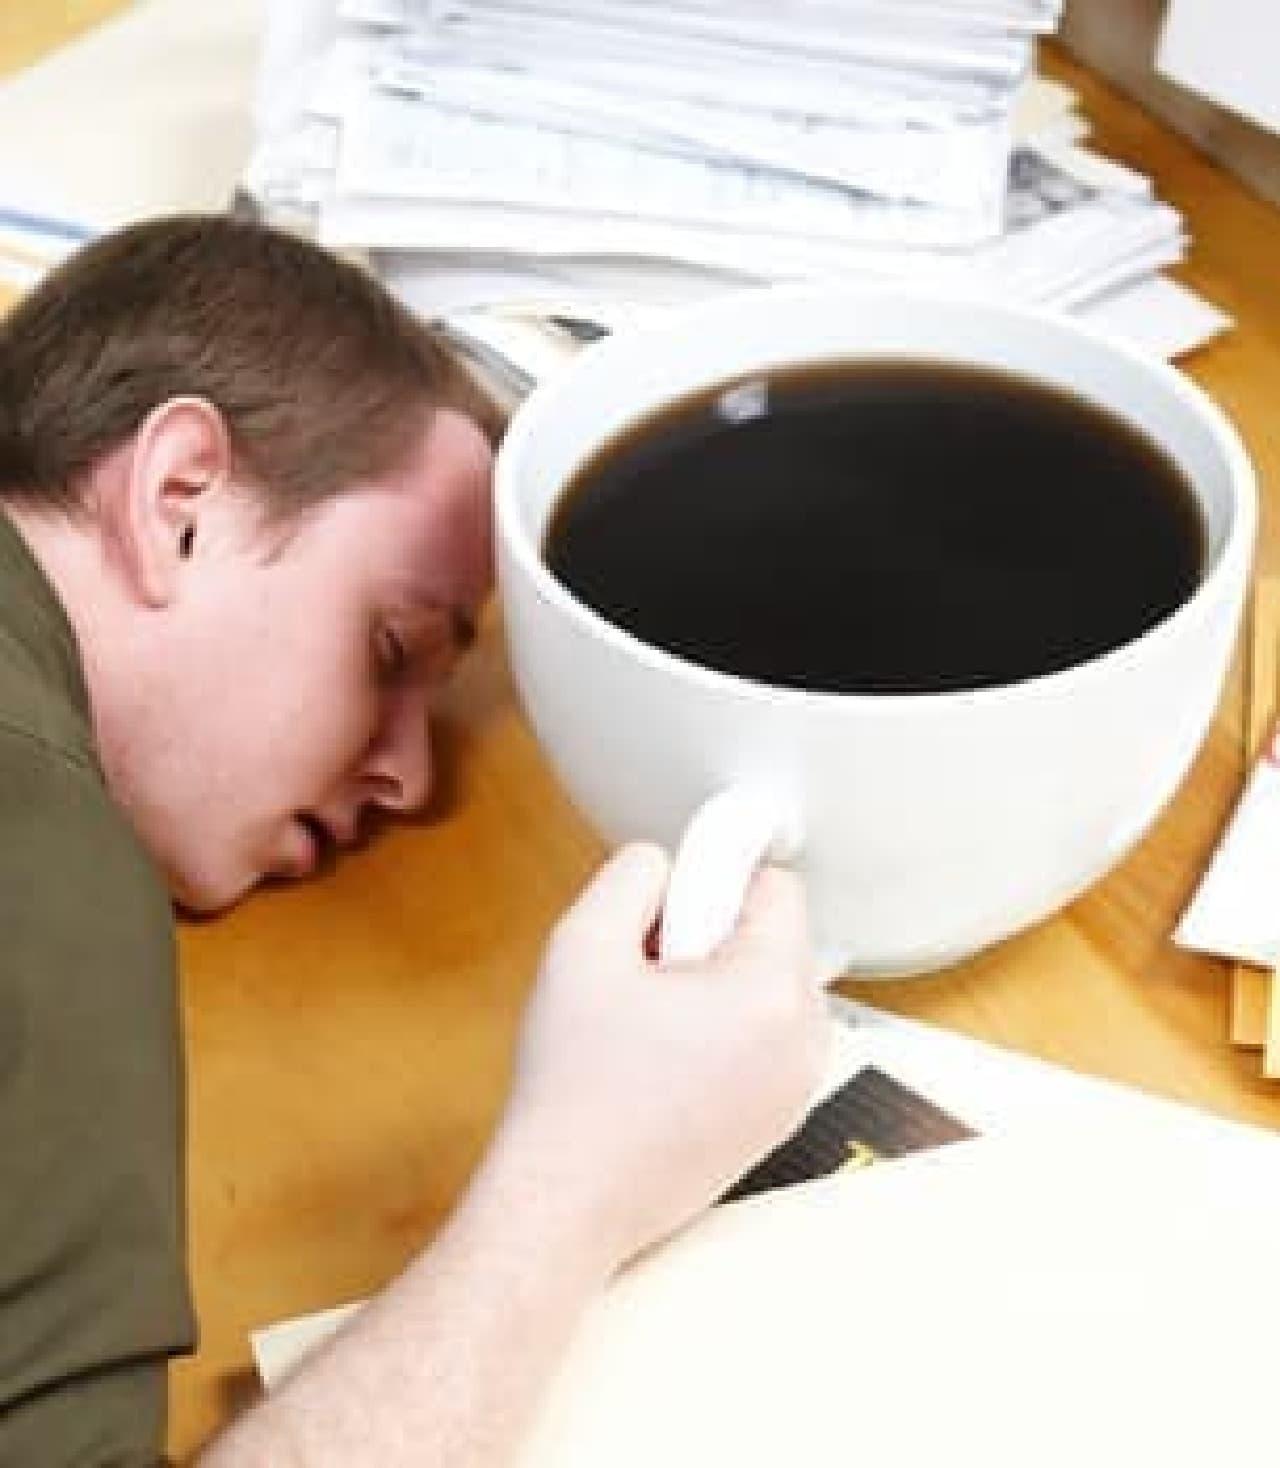 世界最大のコーヒーカップ「World's Largest Coffee Cup」  洗顔にも使えます!?